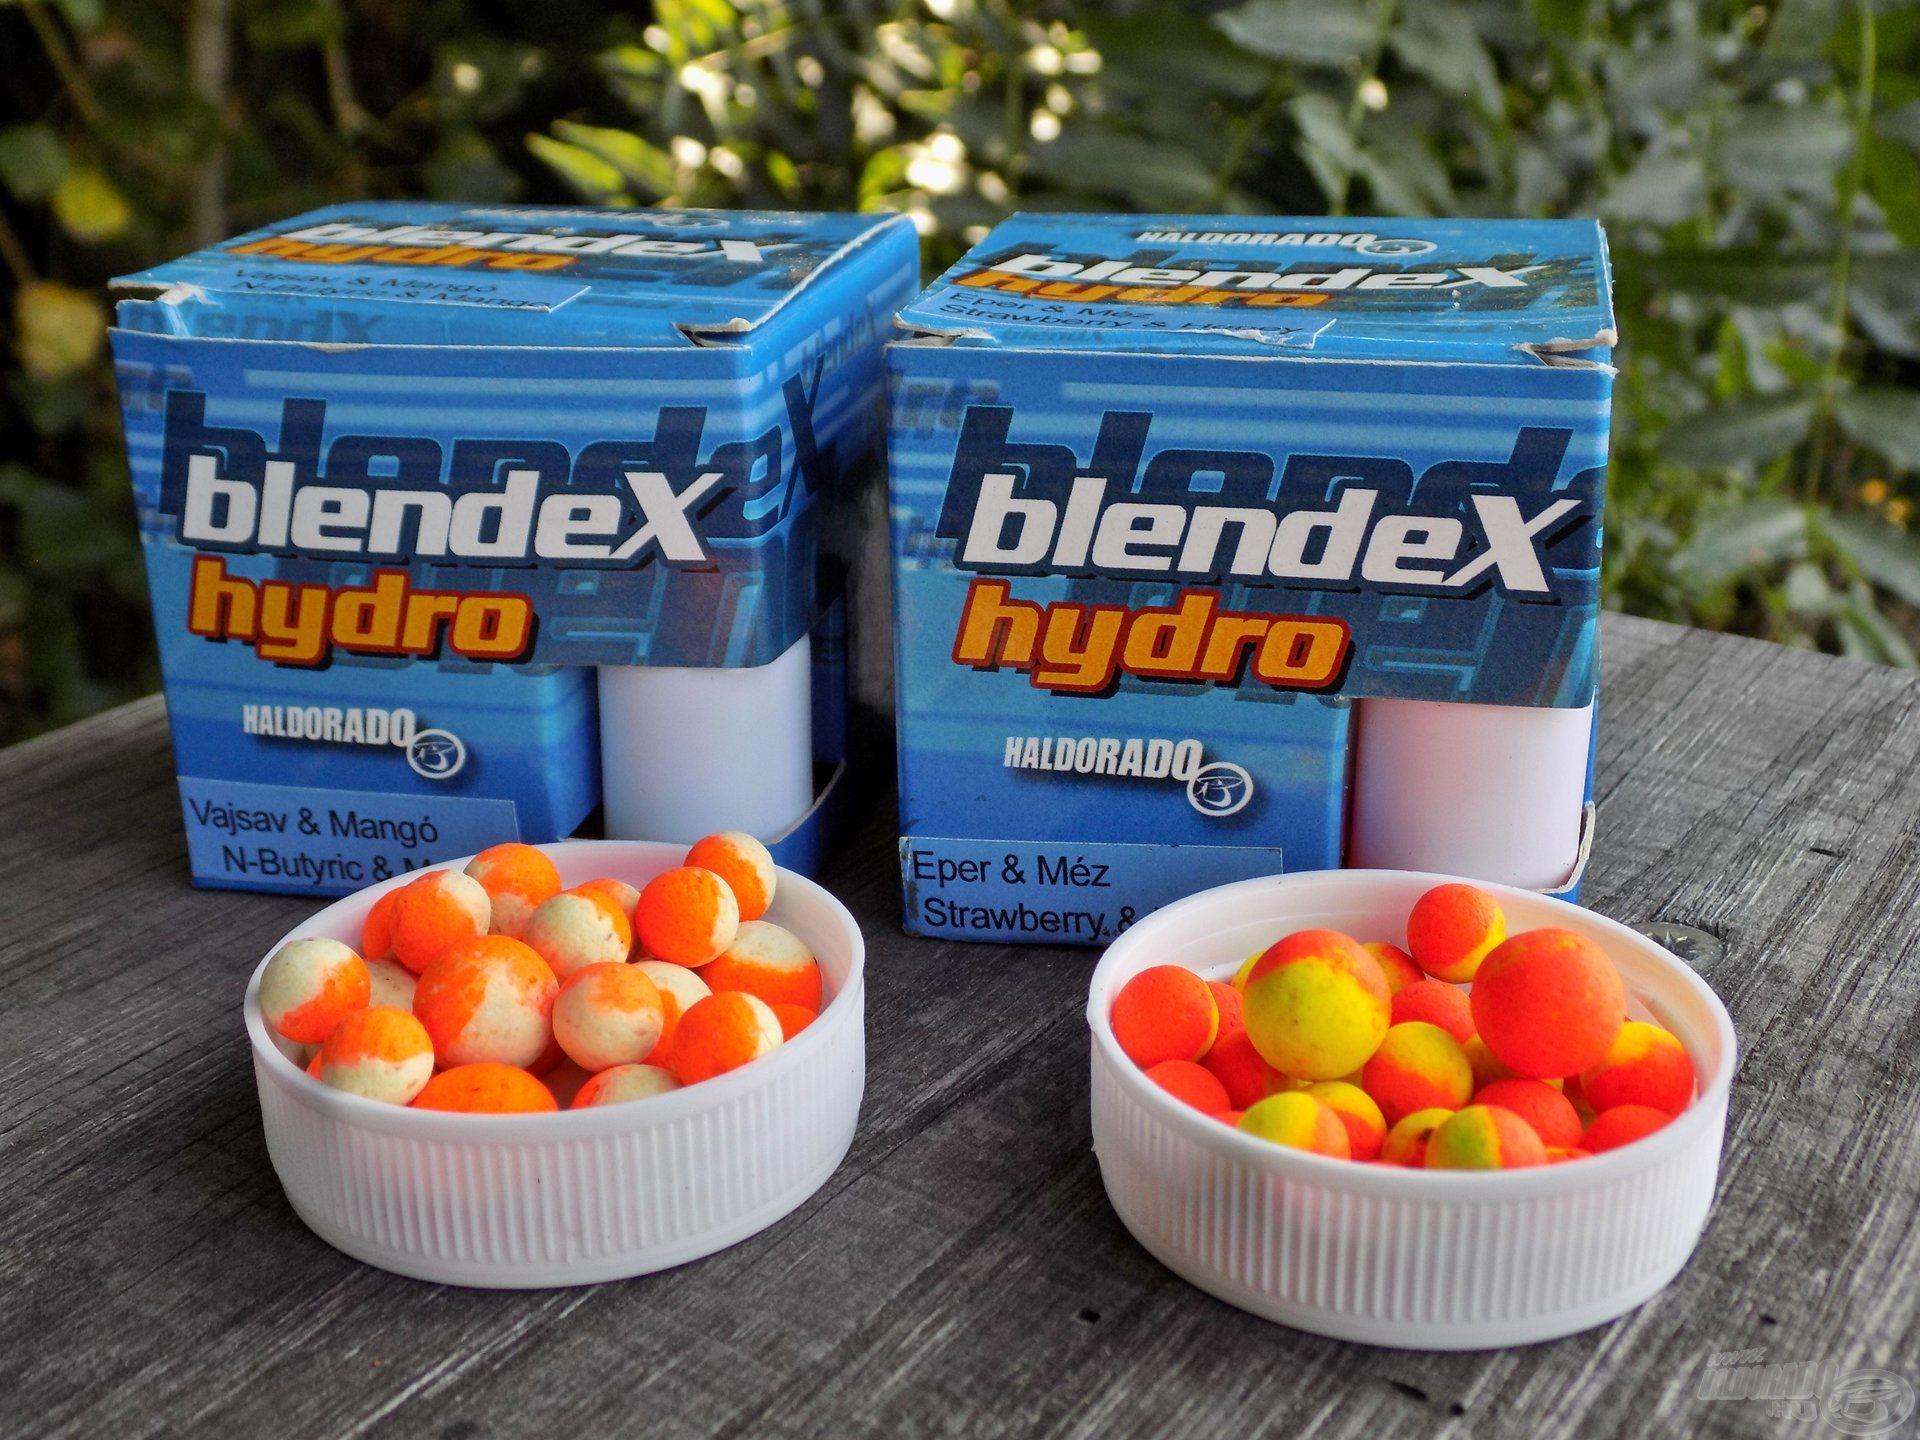 A BlendeX Hydro kikönnyített csalikkal gyorsan elcsábíthatóak voltak a pontyok, a Vajsav-Mangó és Eper-Méz ízvilág egyenes utat mutatott a pontyoknak a horgomhoz